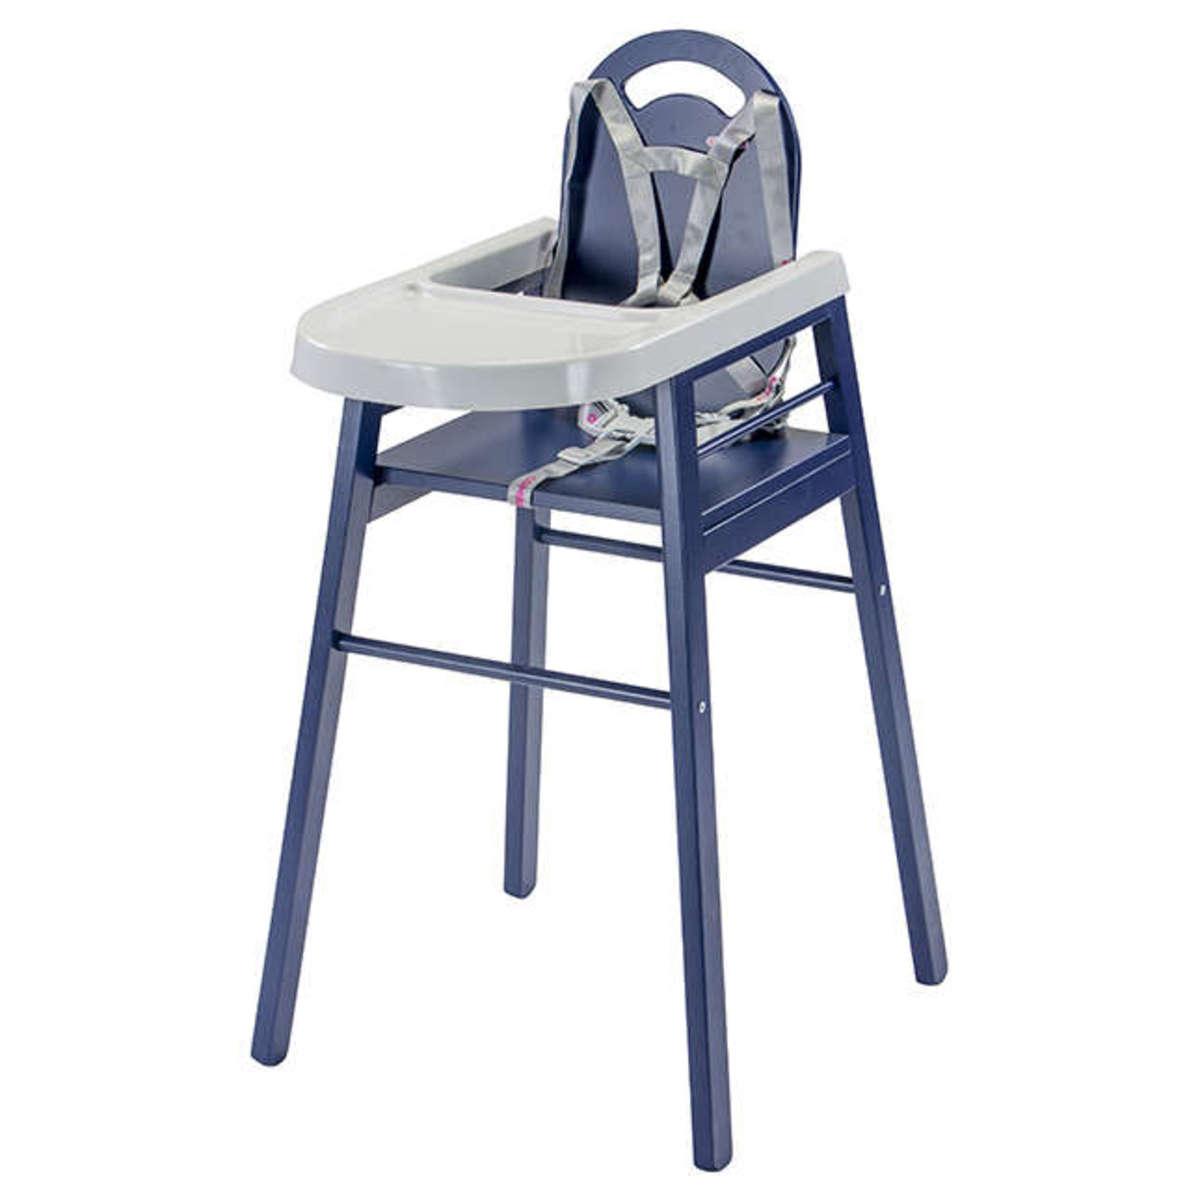 Chaise haute Chaise Haute Fixe Lili - Bleu Chaise Haute Fixe Lili - Bleu